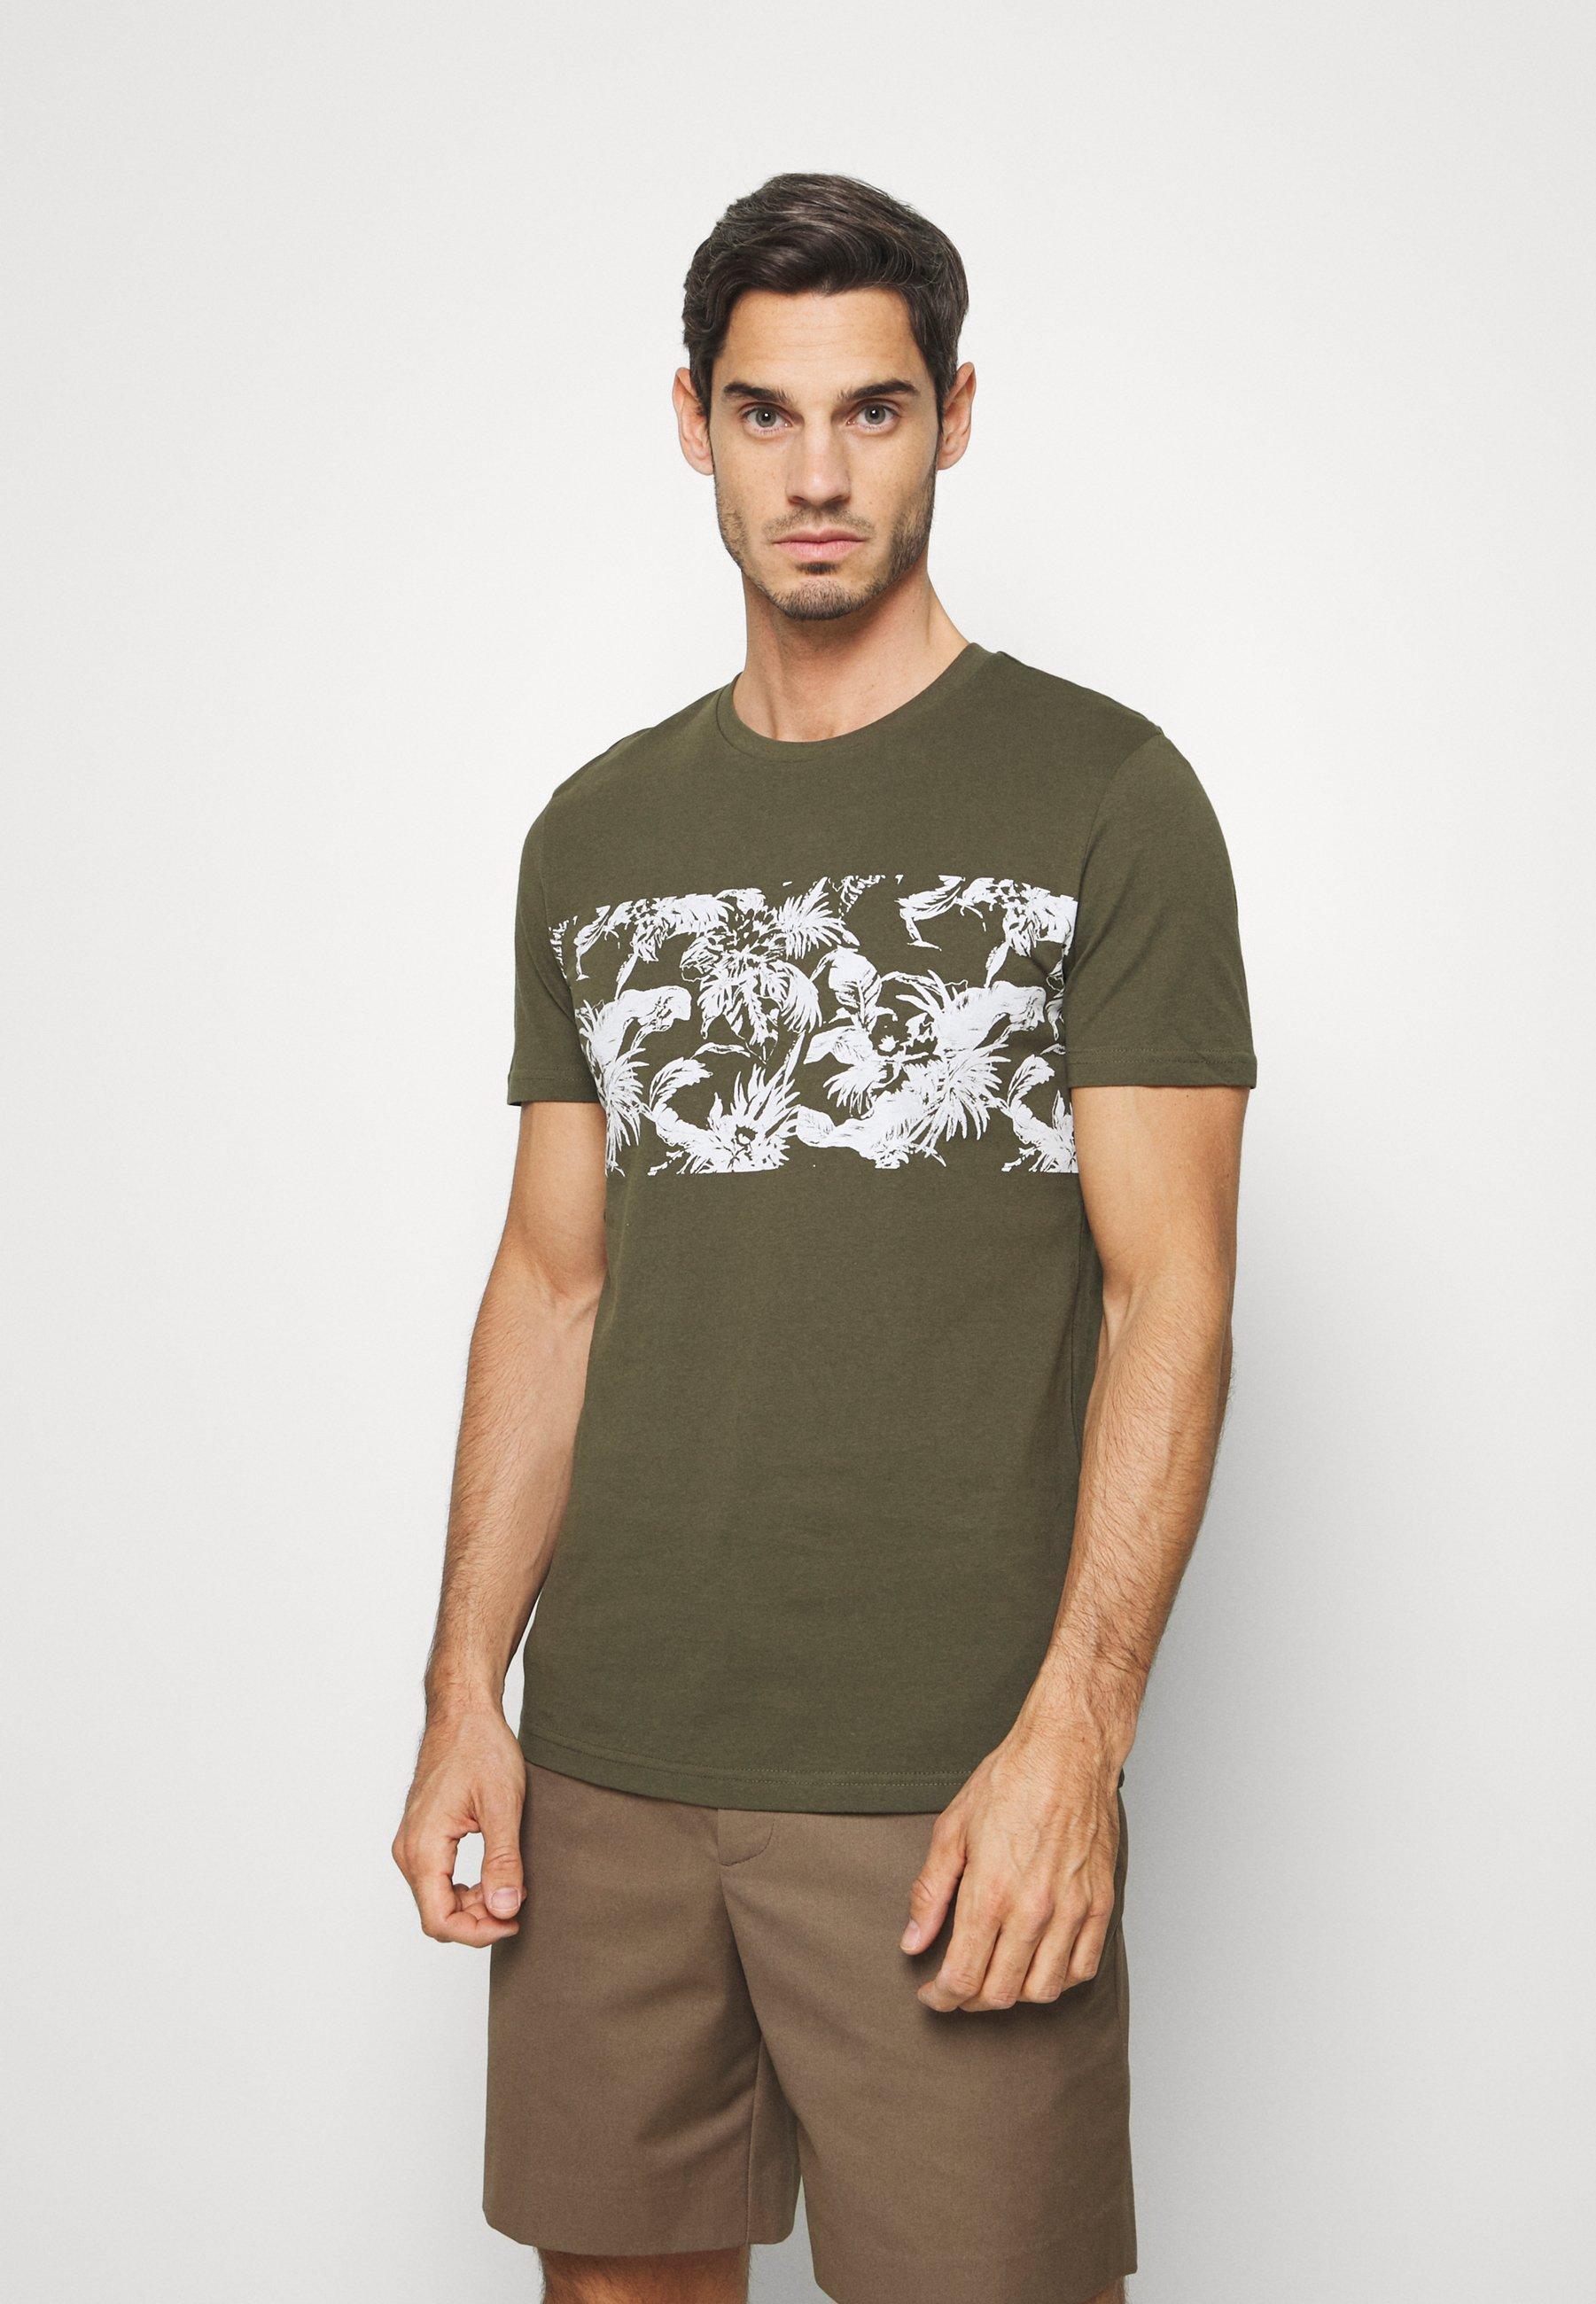 Homme T-shirt imprimé